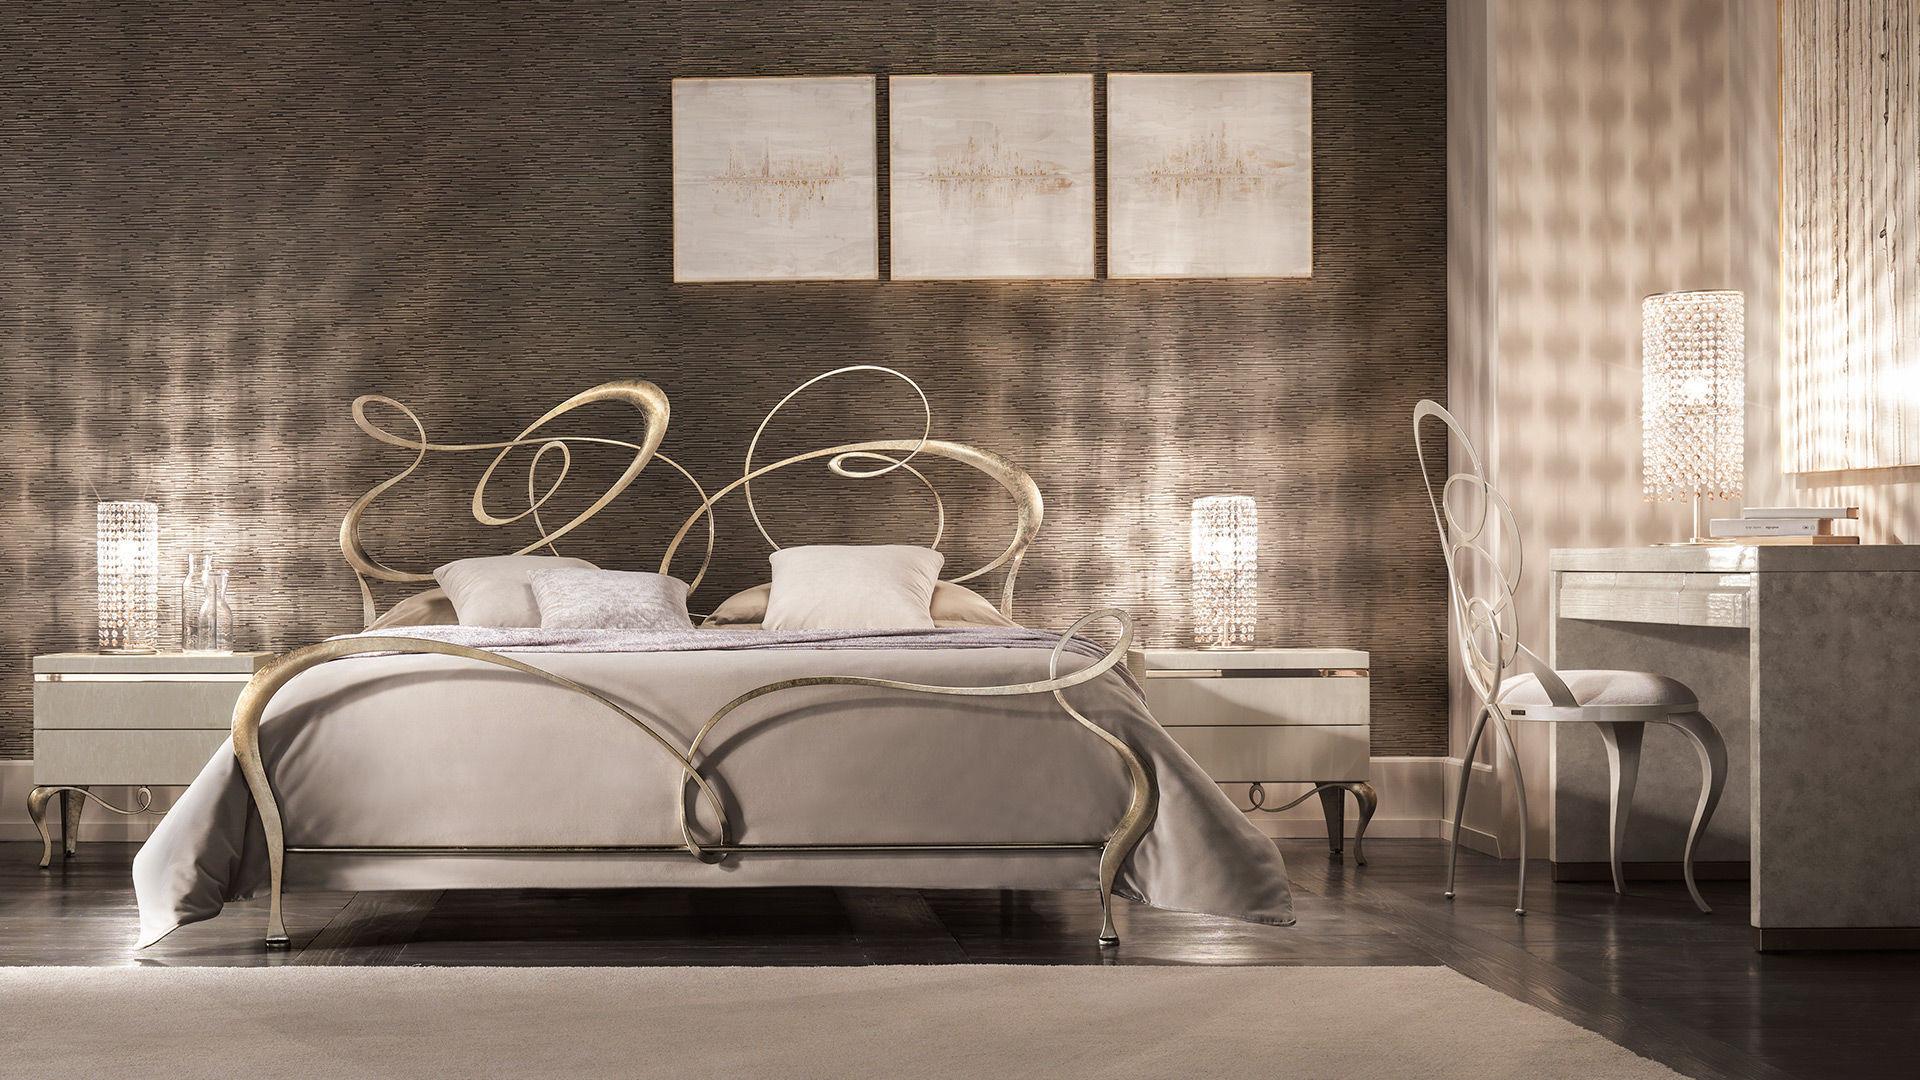 Letto standard / matrimoniale / design nuovo barocco / in ferro ...